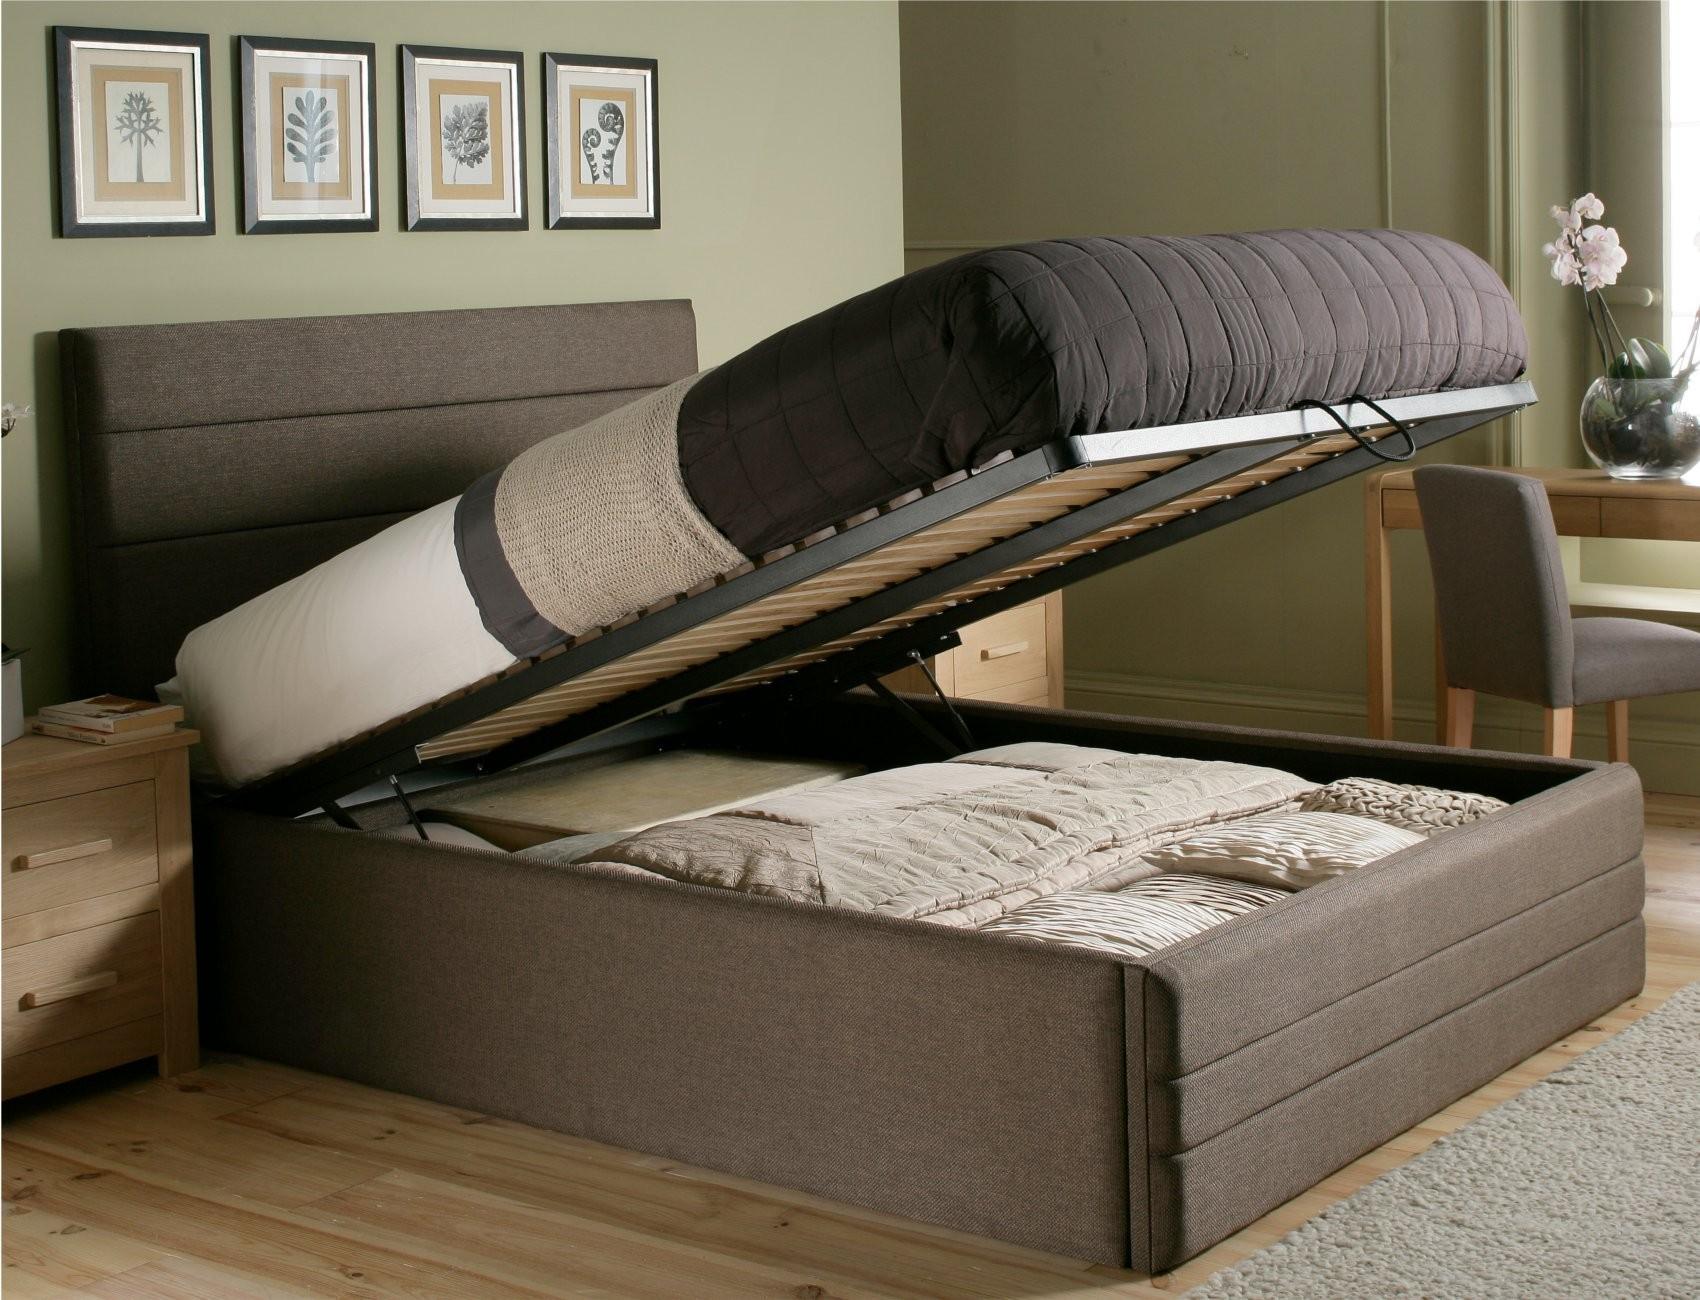 хранение белья в кровати